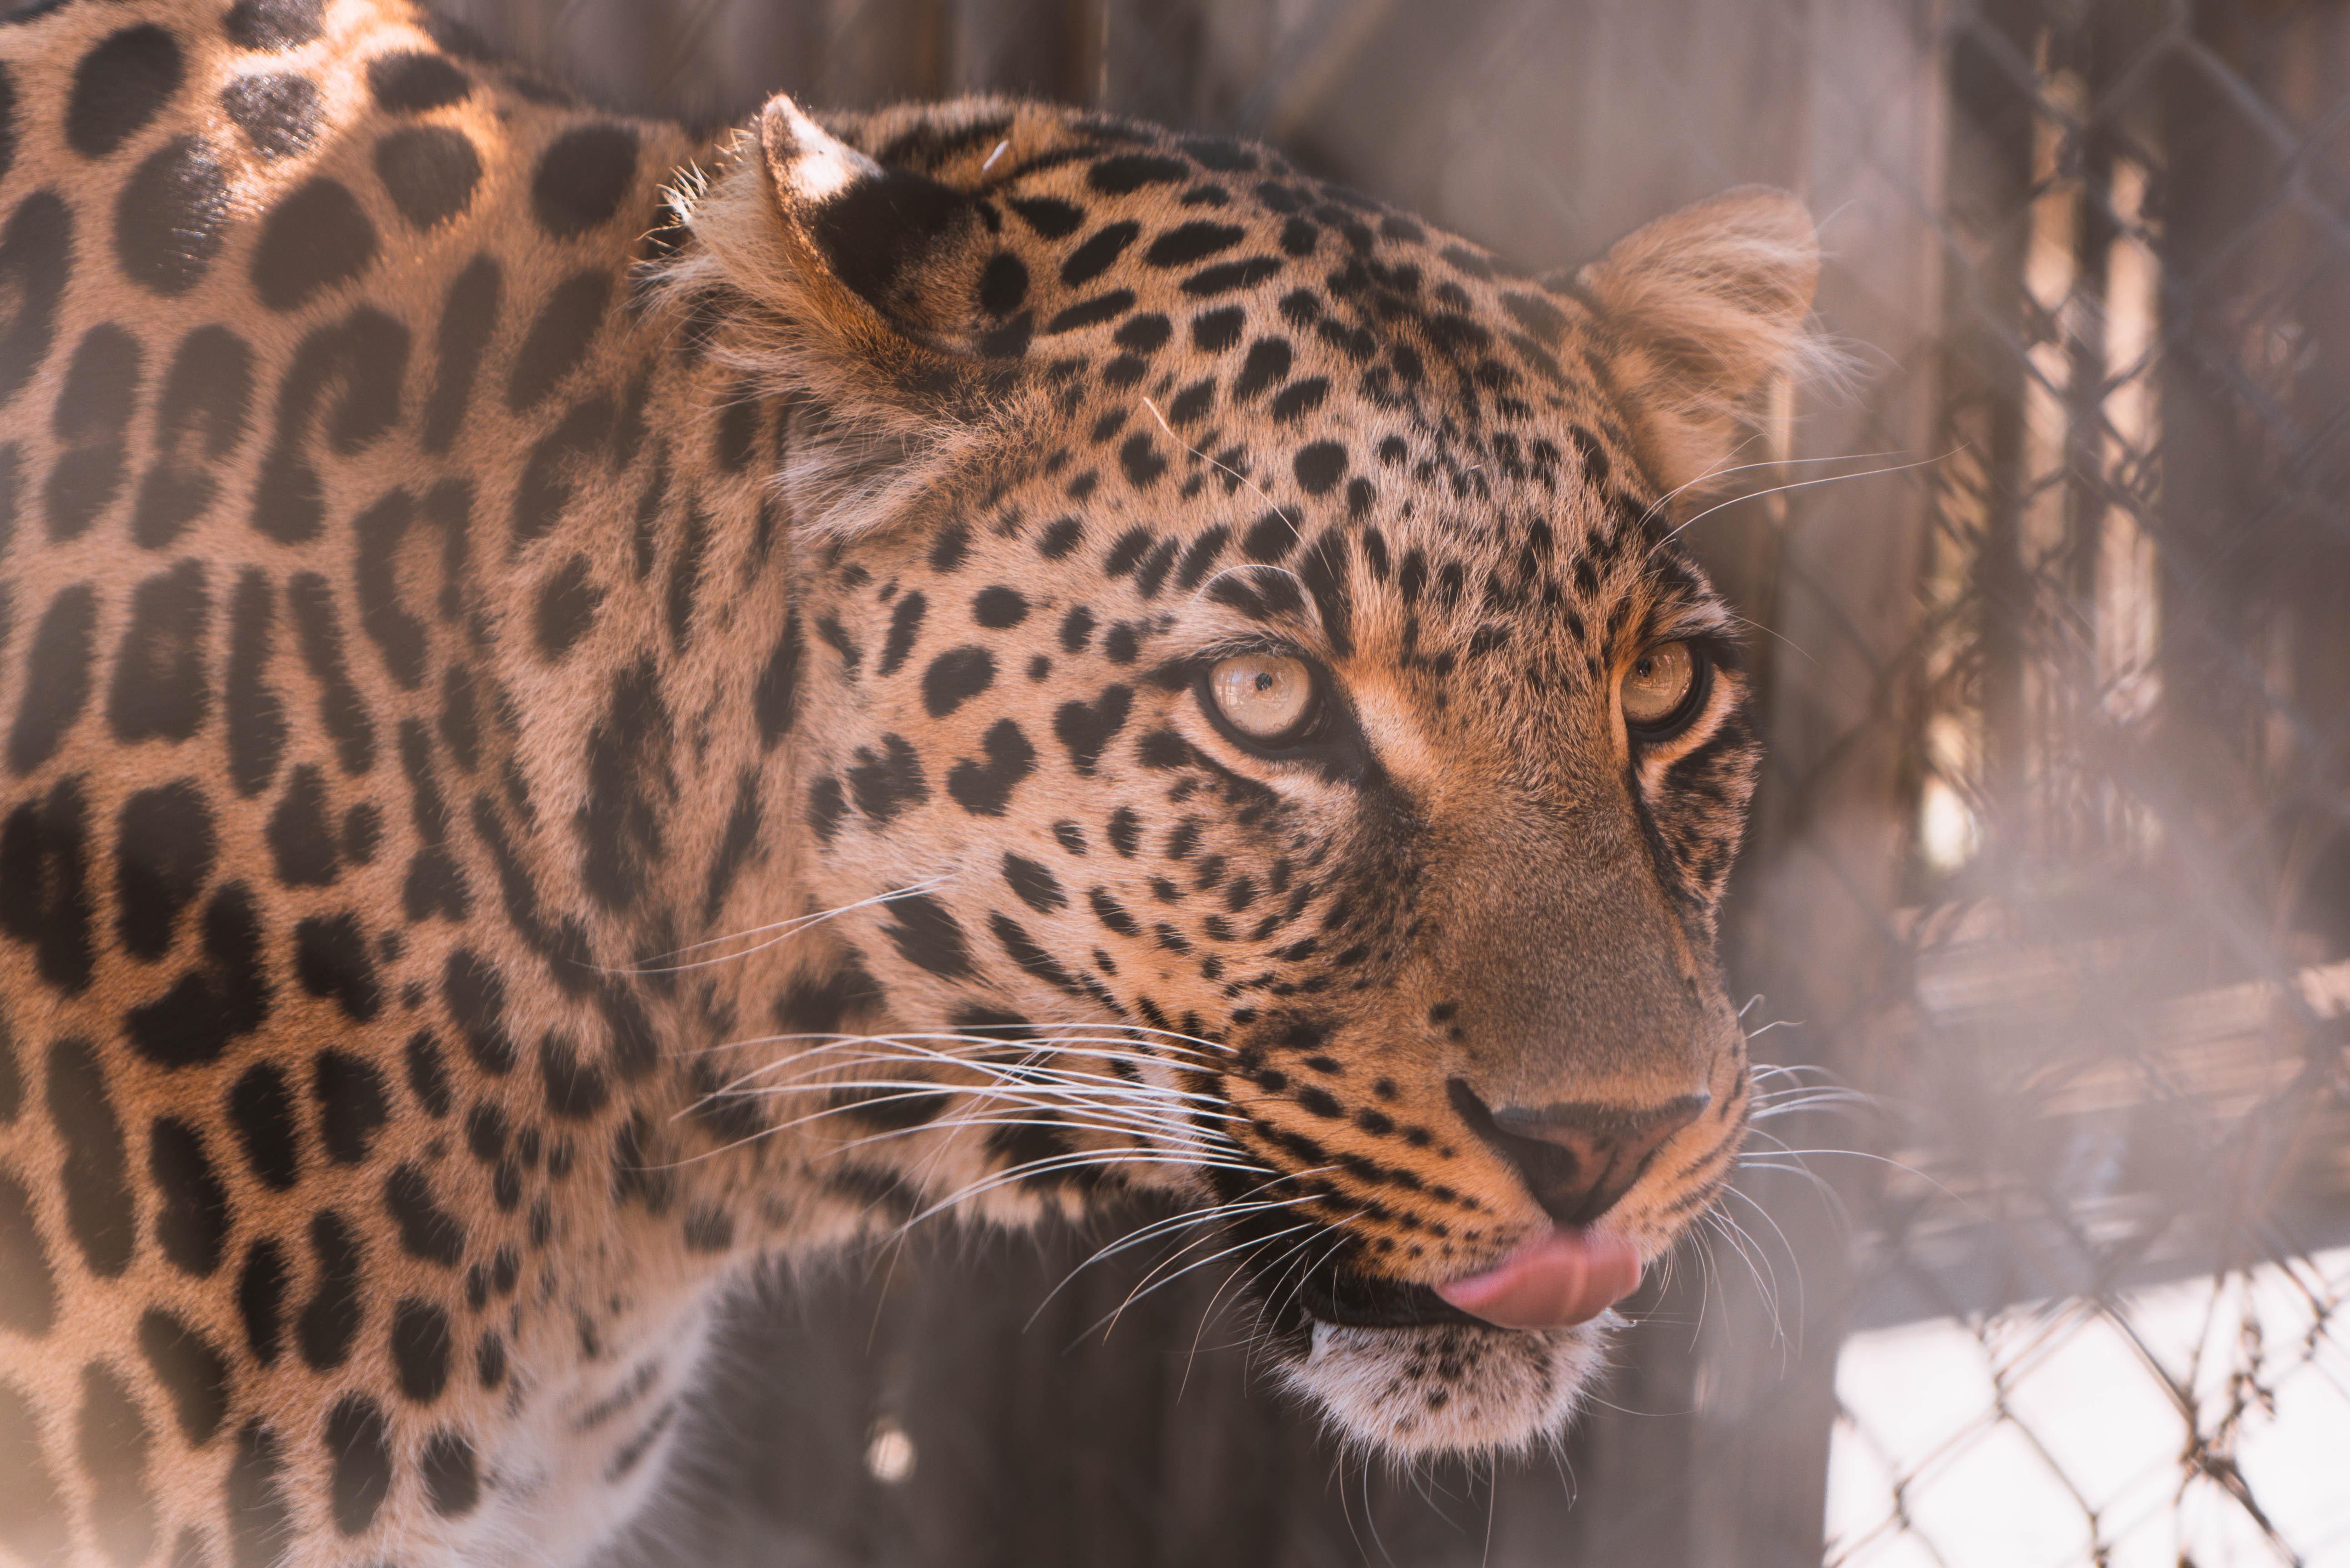 Zuid-Afrika wilde dieren